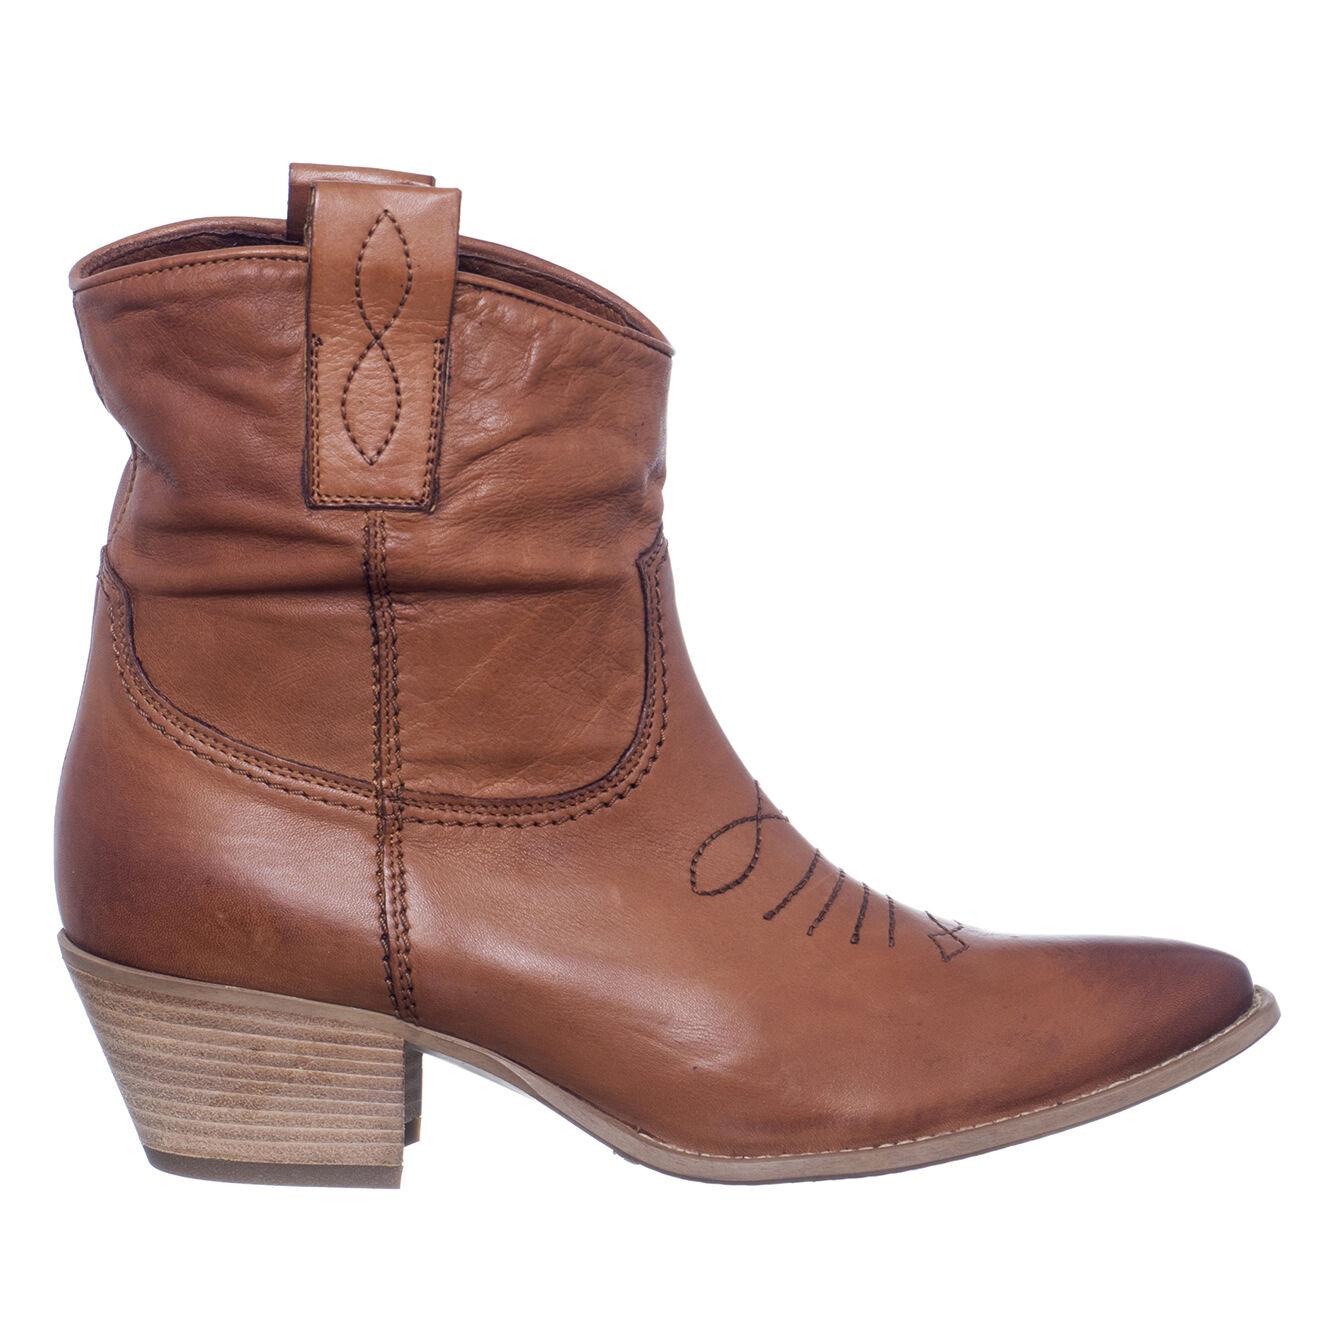 Boots en Cuir Faustine camel - Talon 5 cm